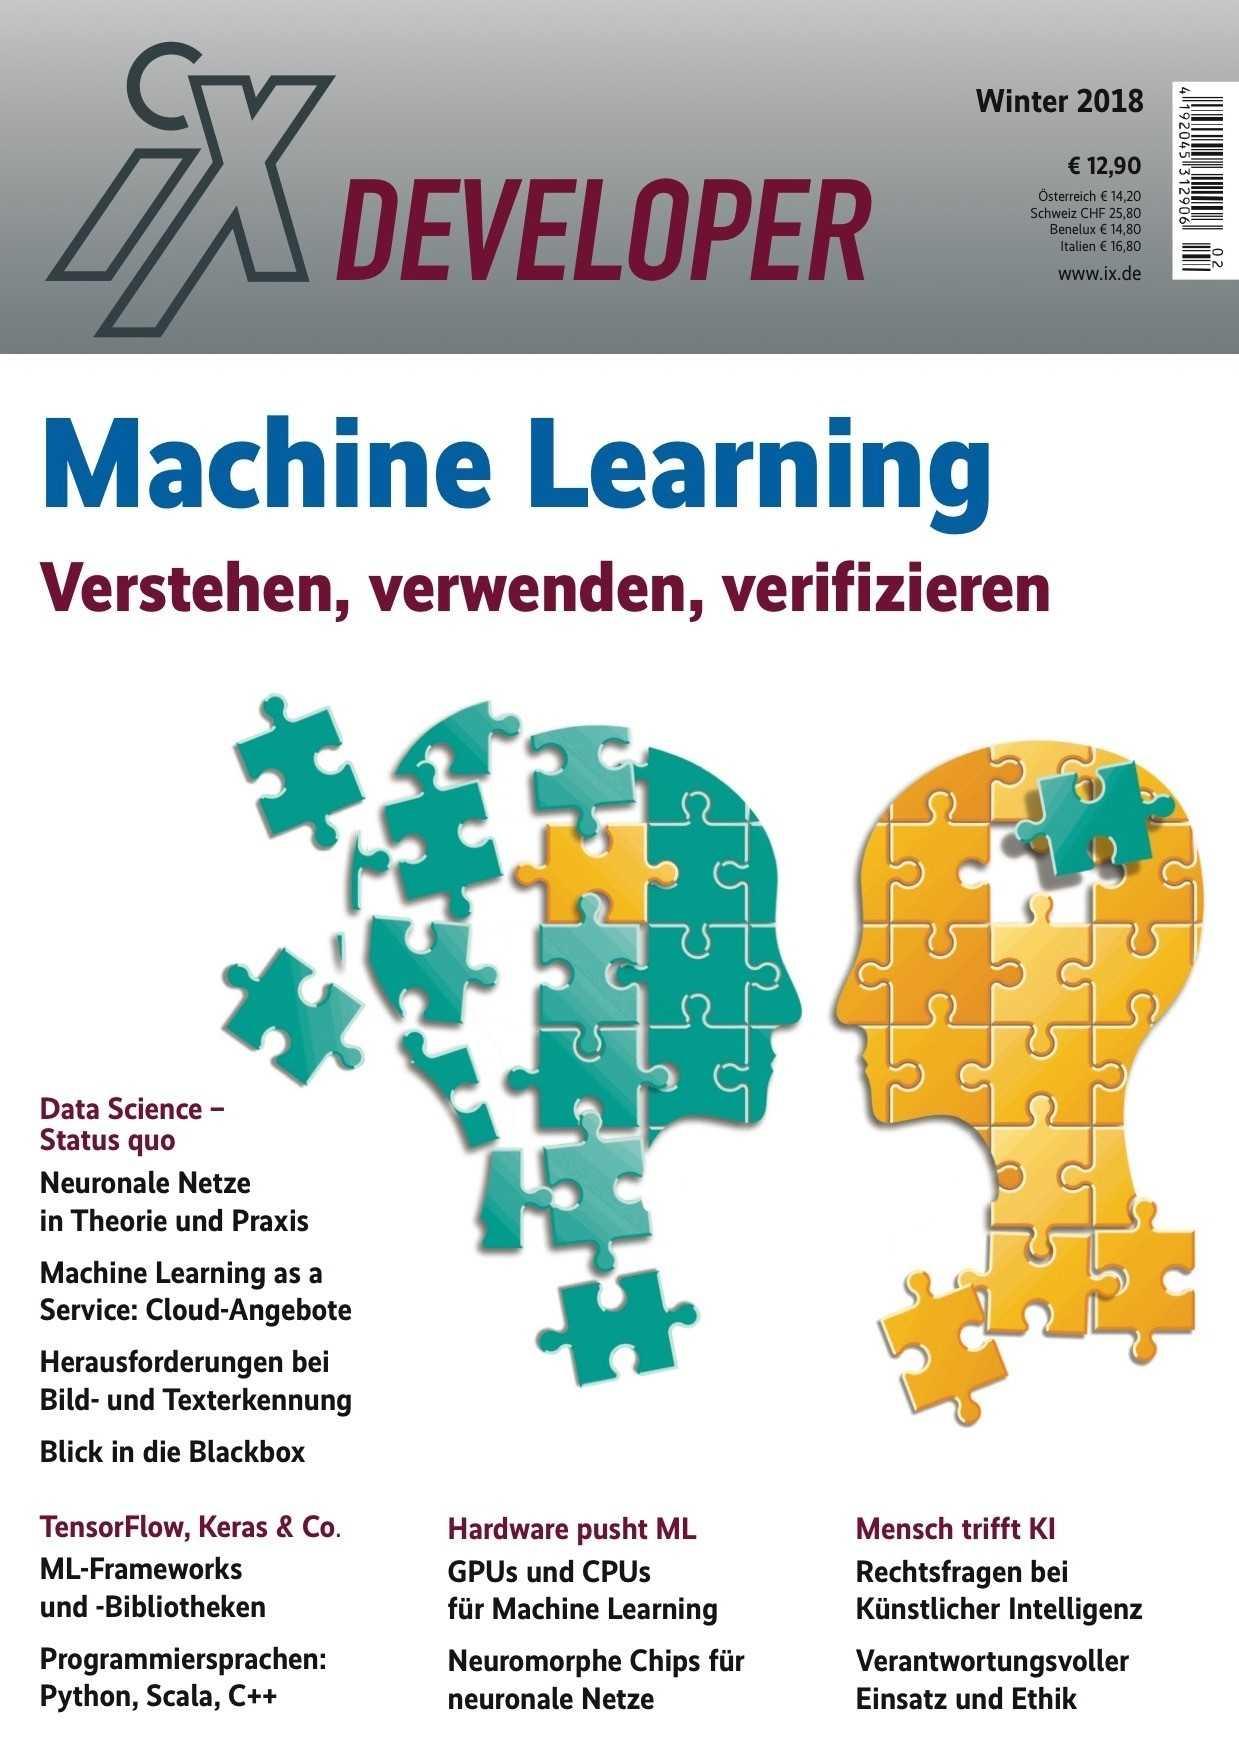 Machine Learning: PyTorch erreicht Version 1.0 mit JIT-Compiler und C++-Frontend